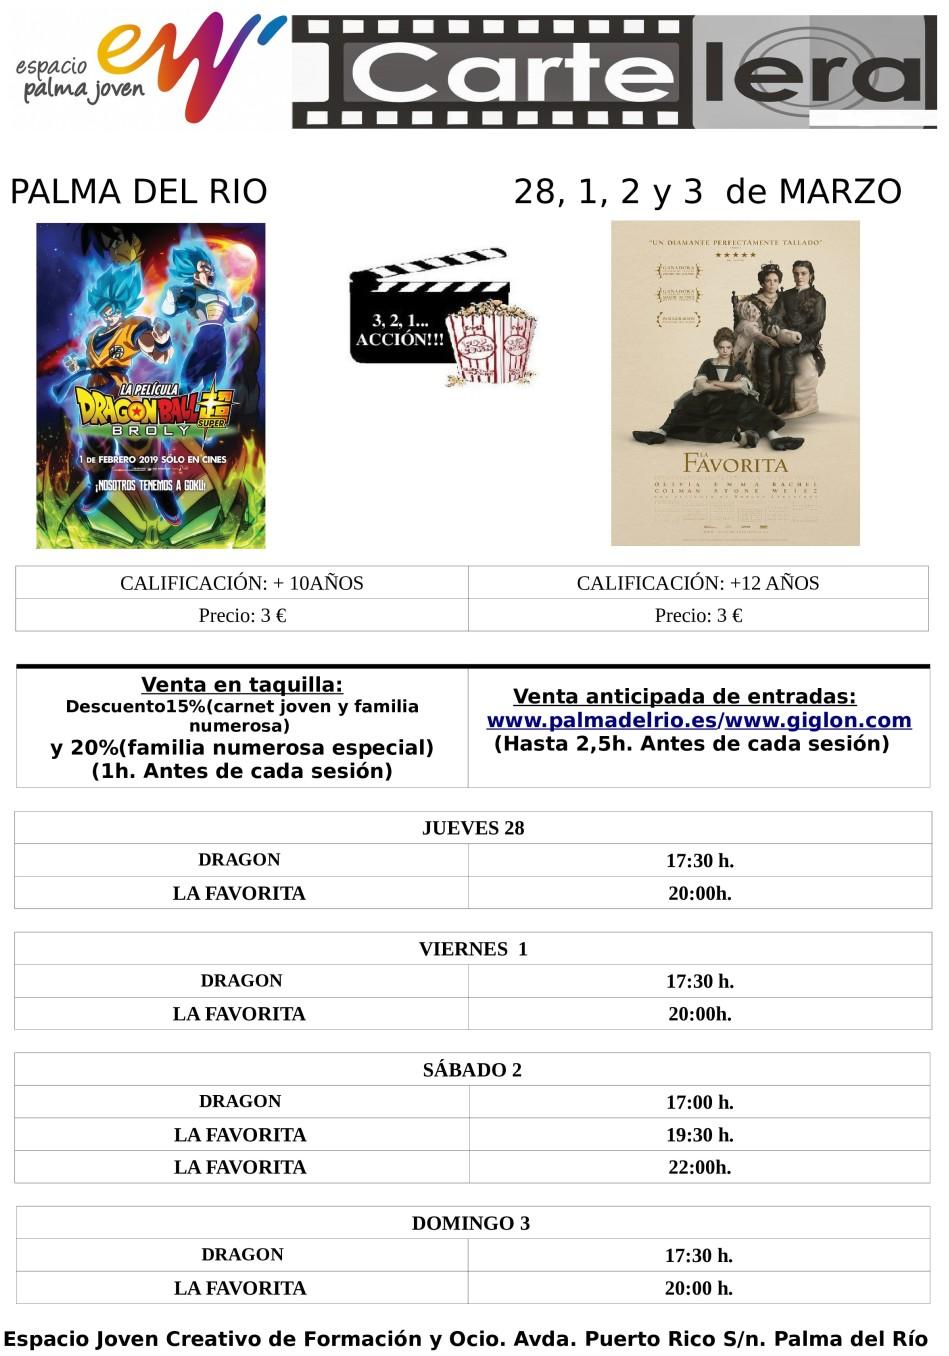 https://www.palmadelrio.es/sites/default/files/cine_de_28_febrero_a_3_marzo_2019.jpg